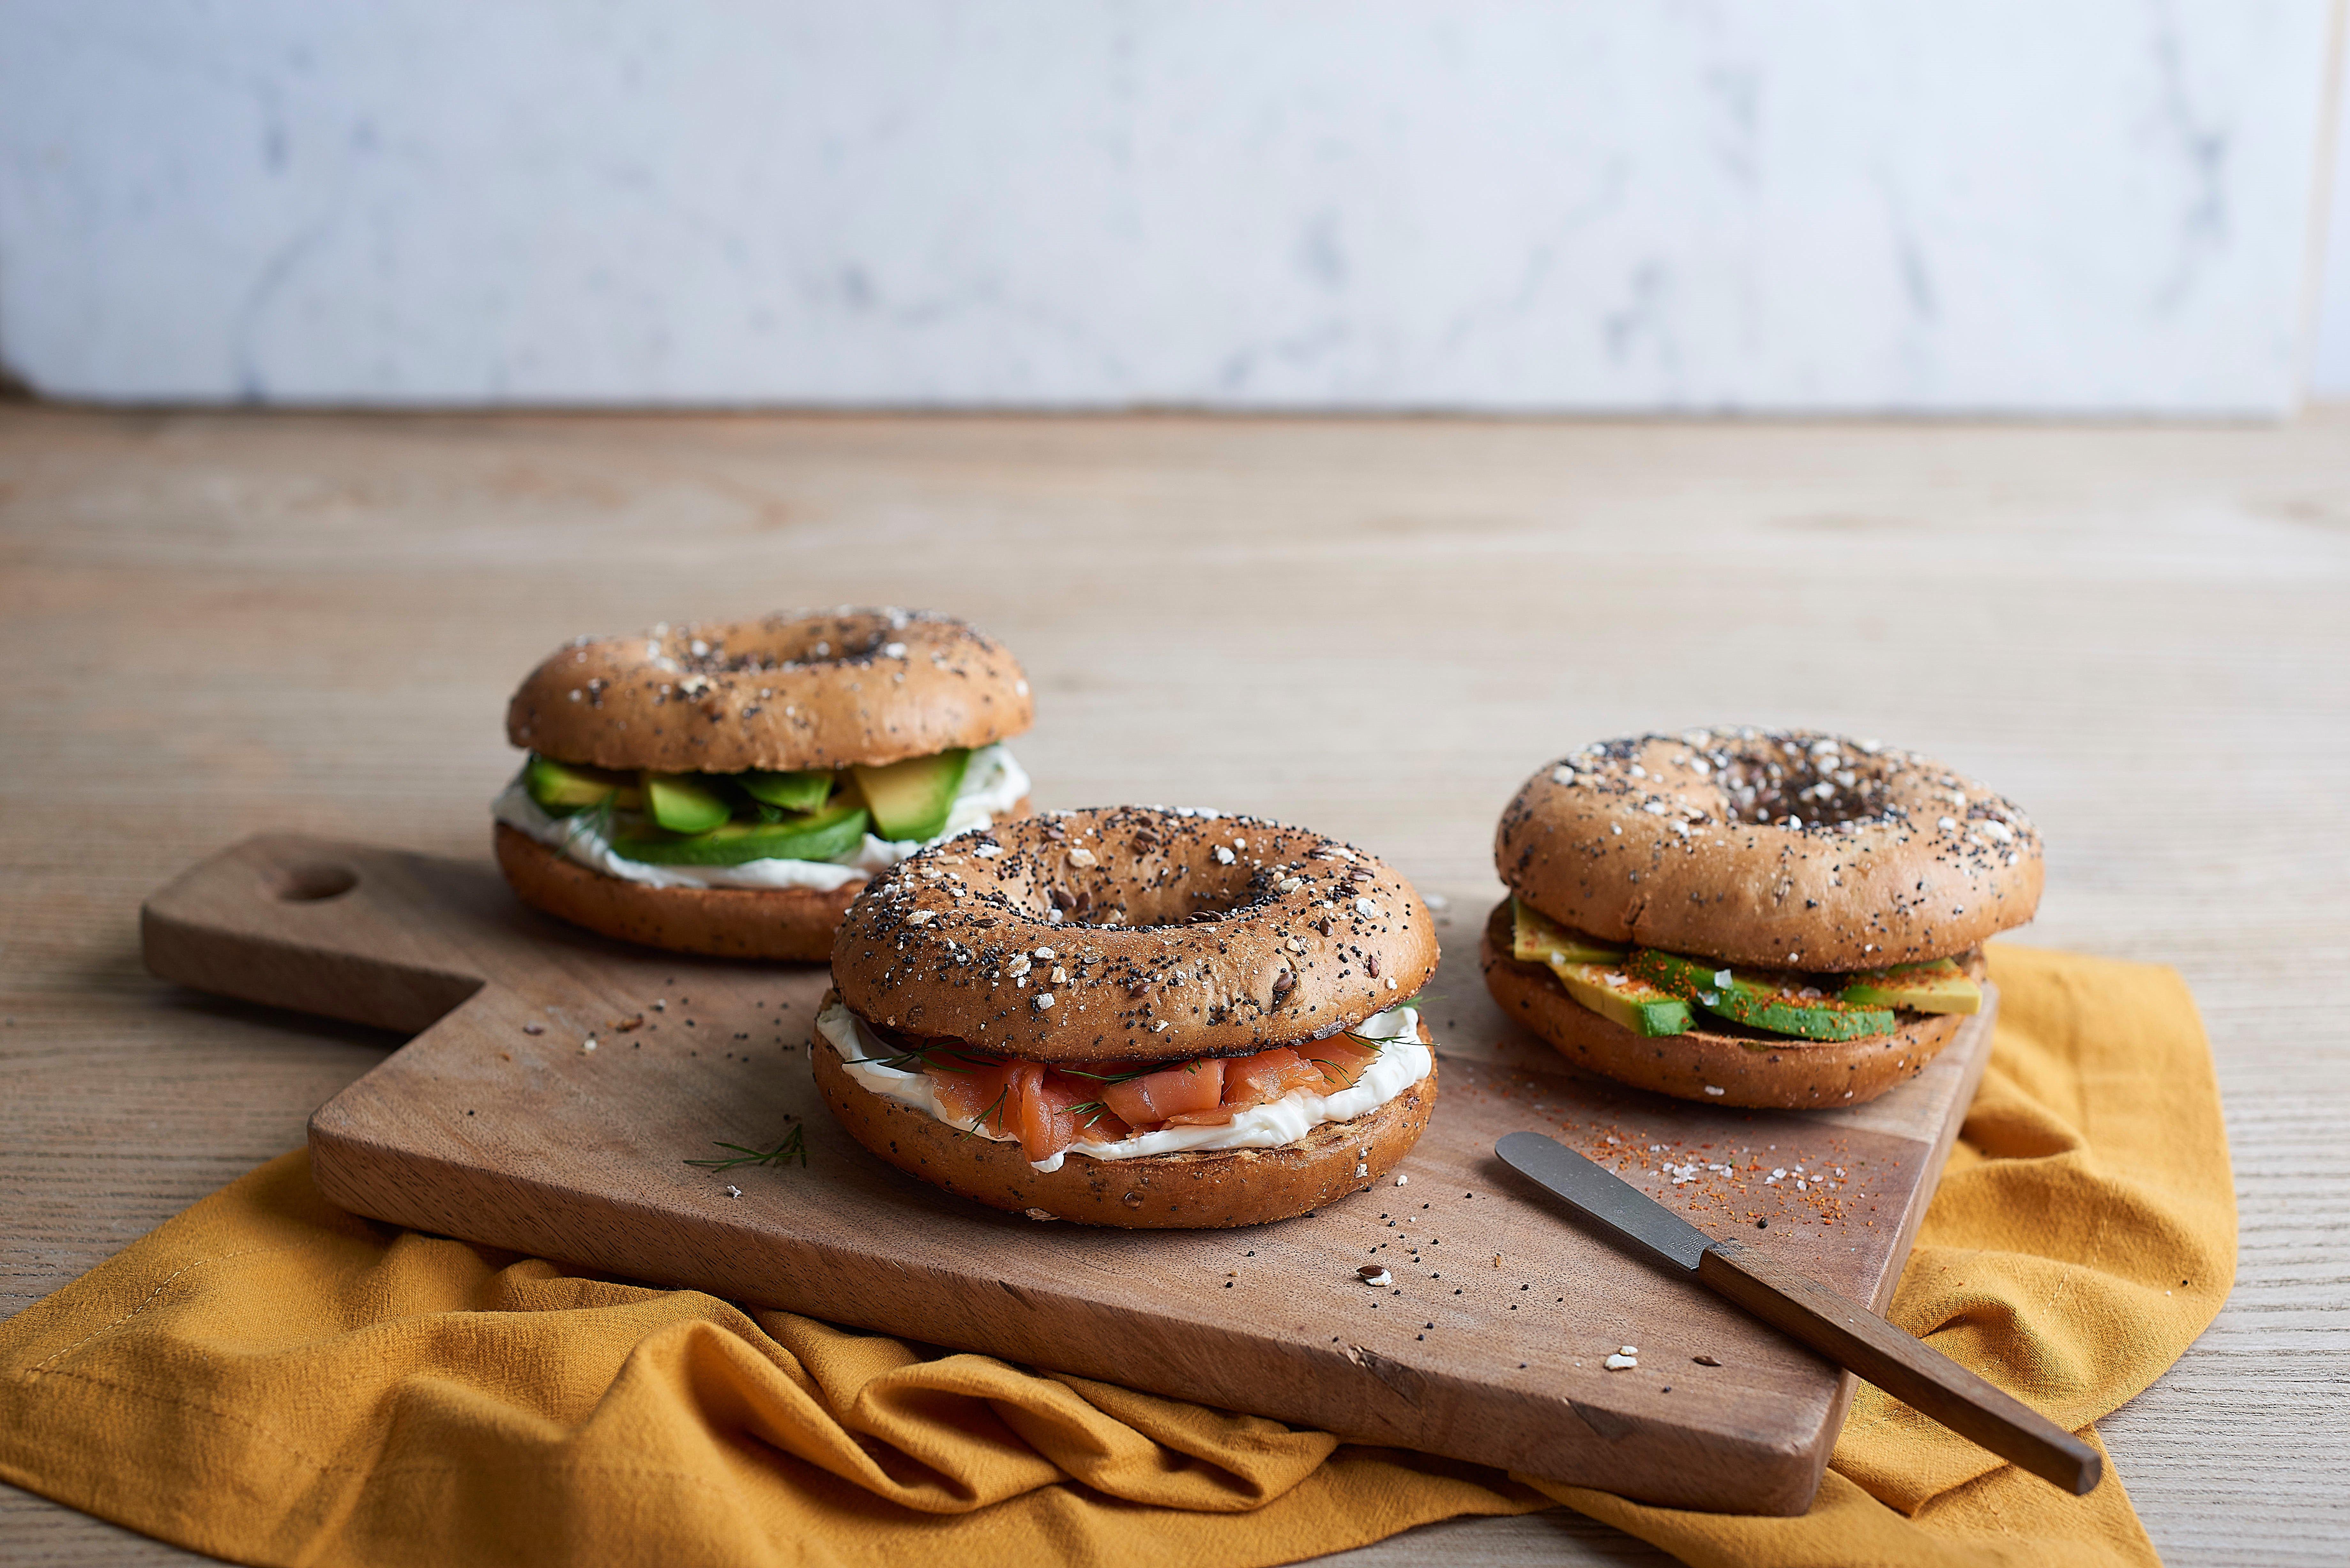 City Pantry - Abokado lunch menu - Smoked Salmon & Cream Cheese Bagel